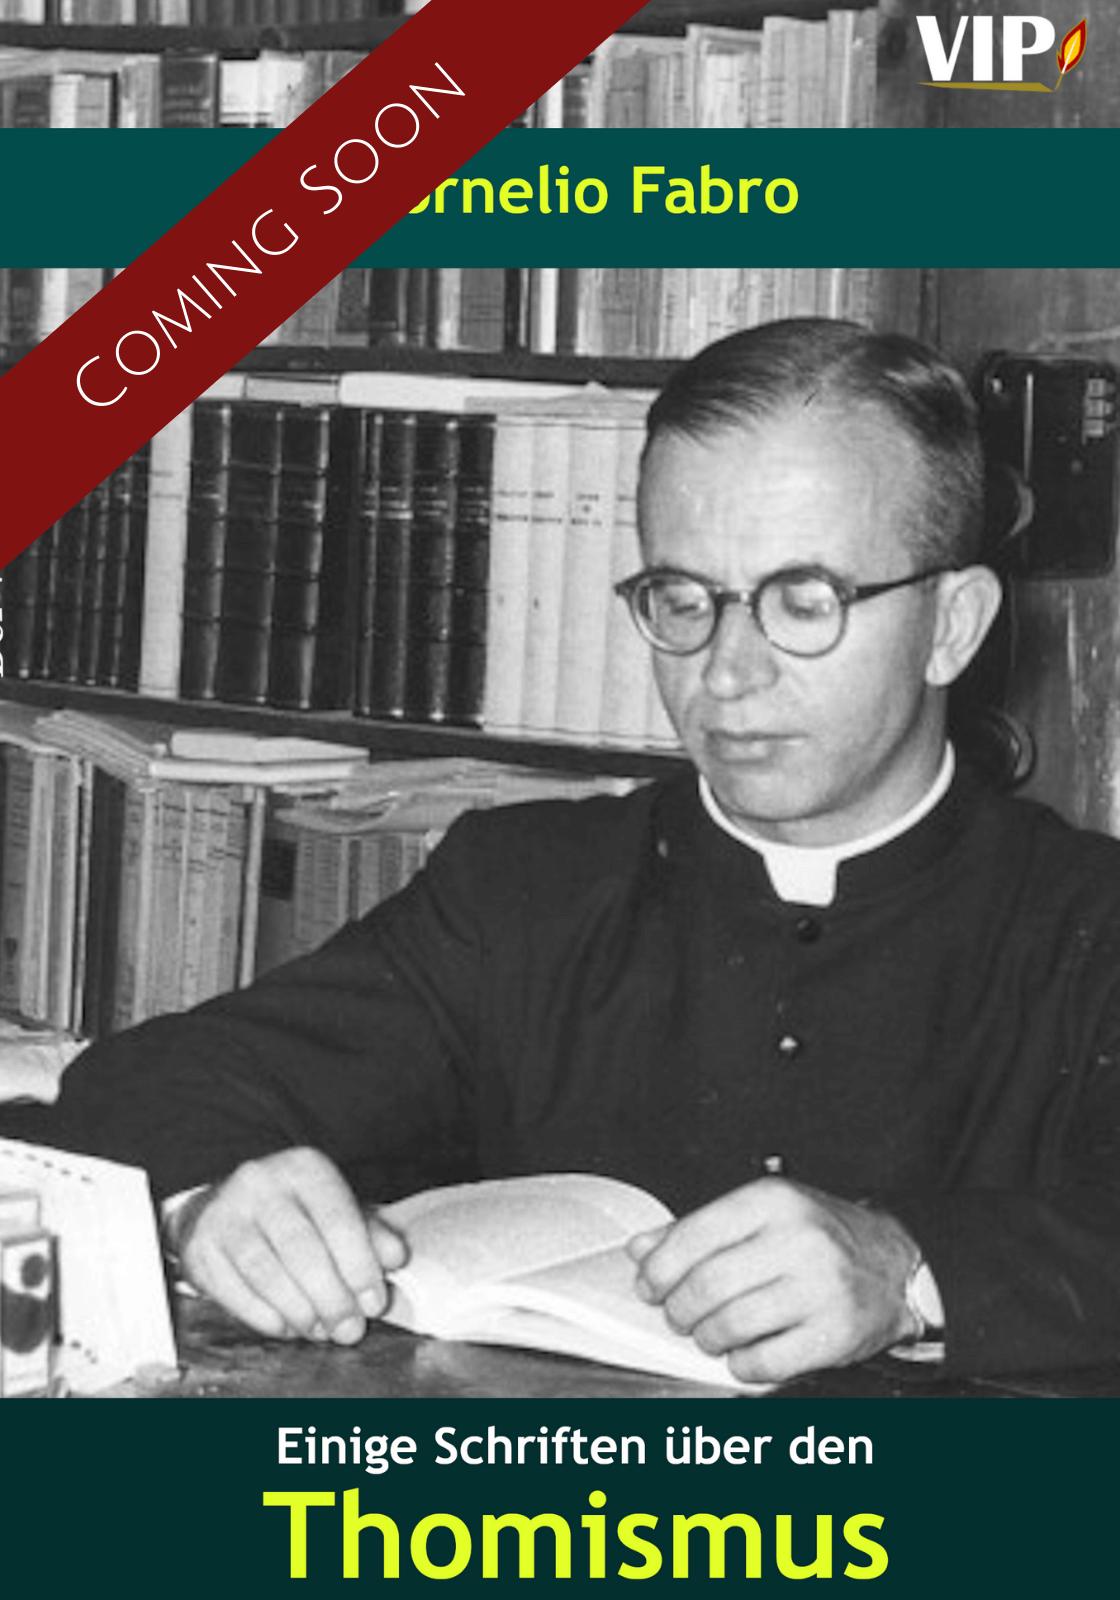 Einige Schriften über den Thomismus